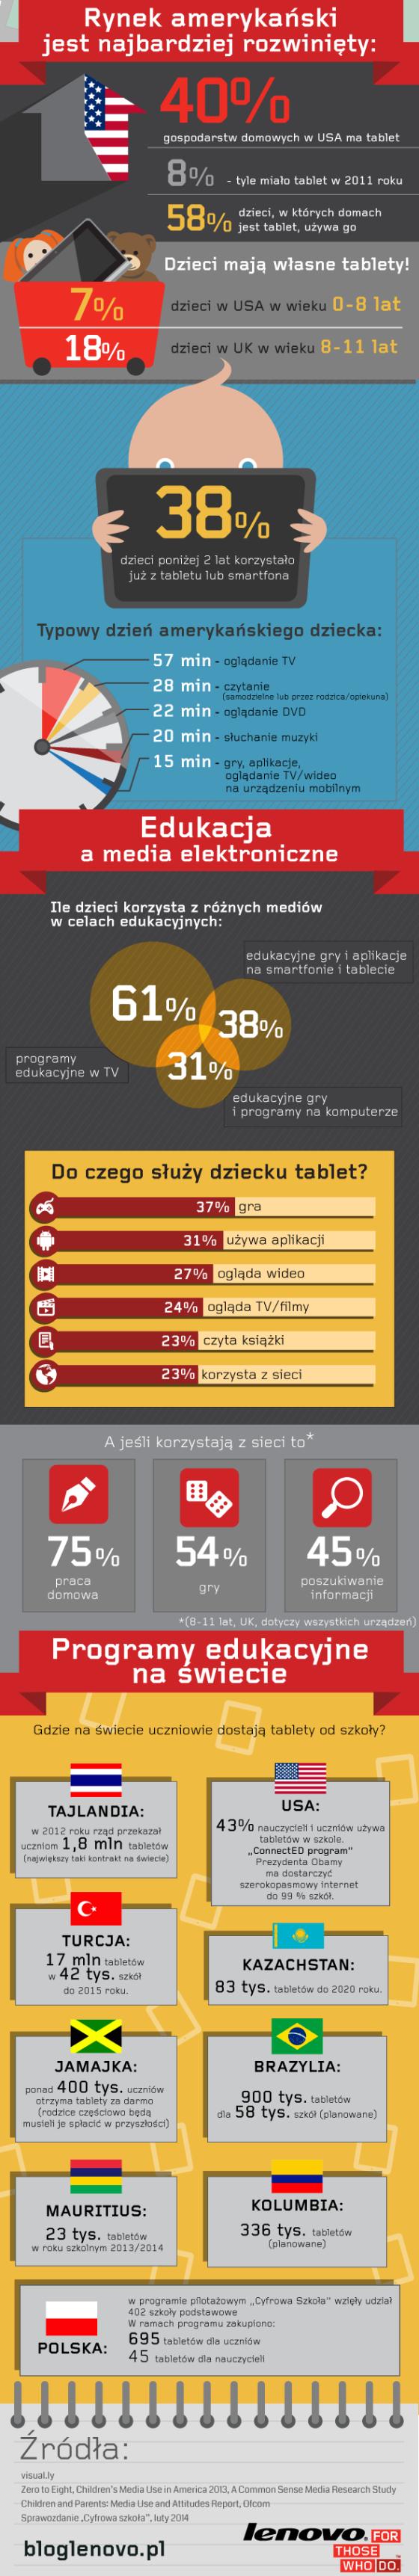 lenovo_infografika_dzieci_dol